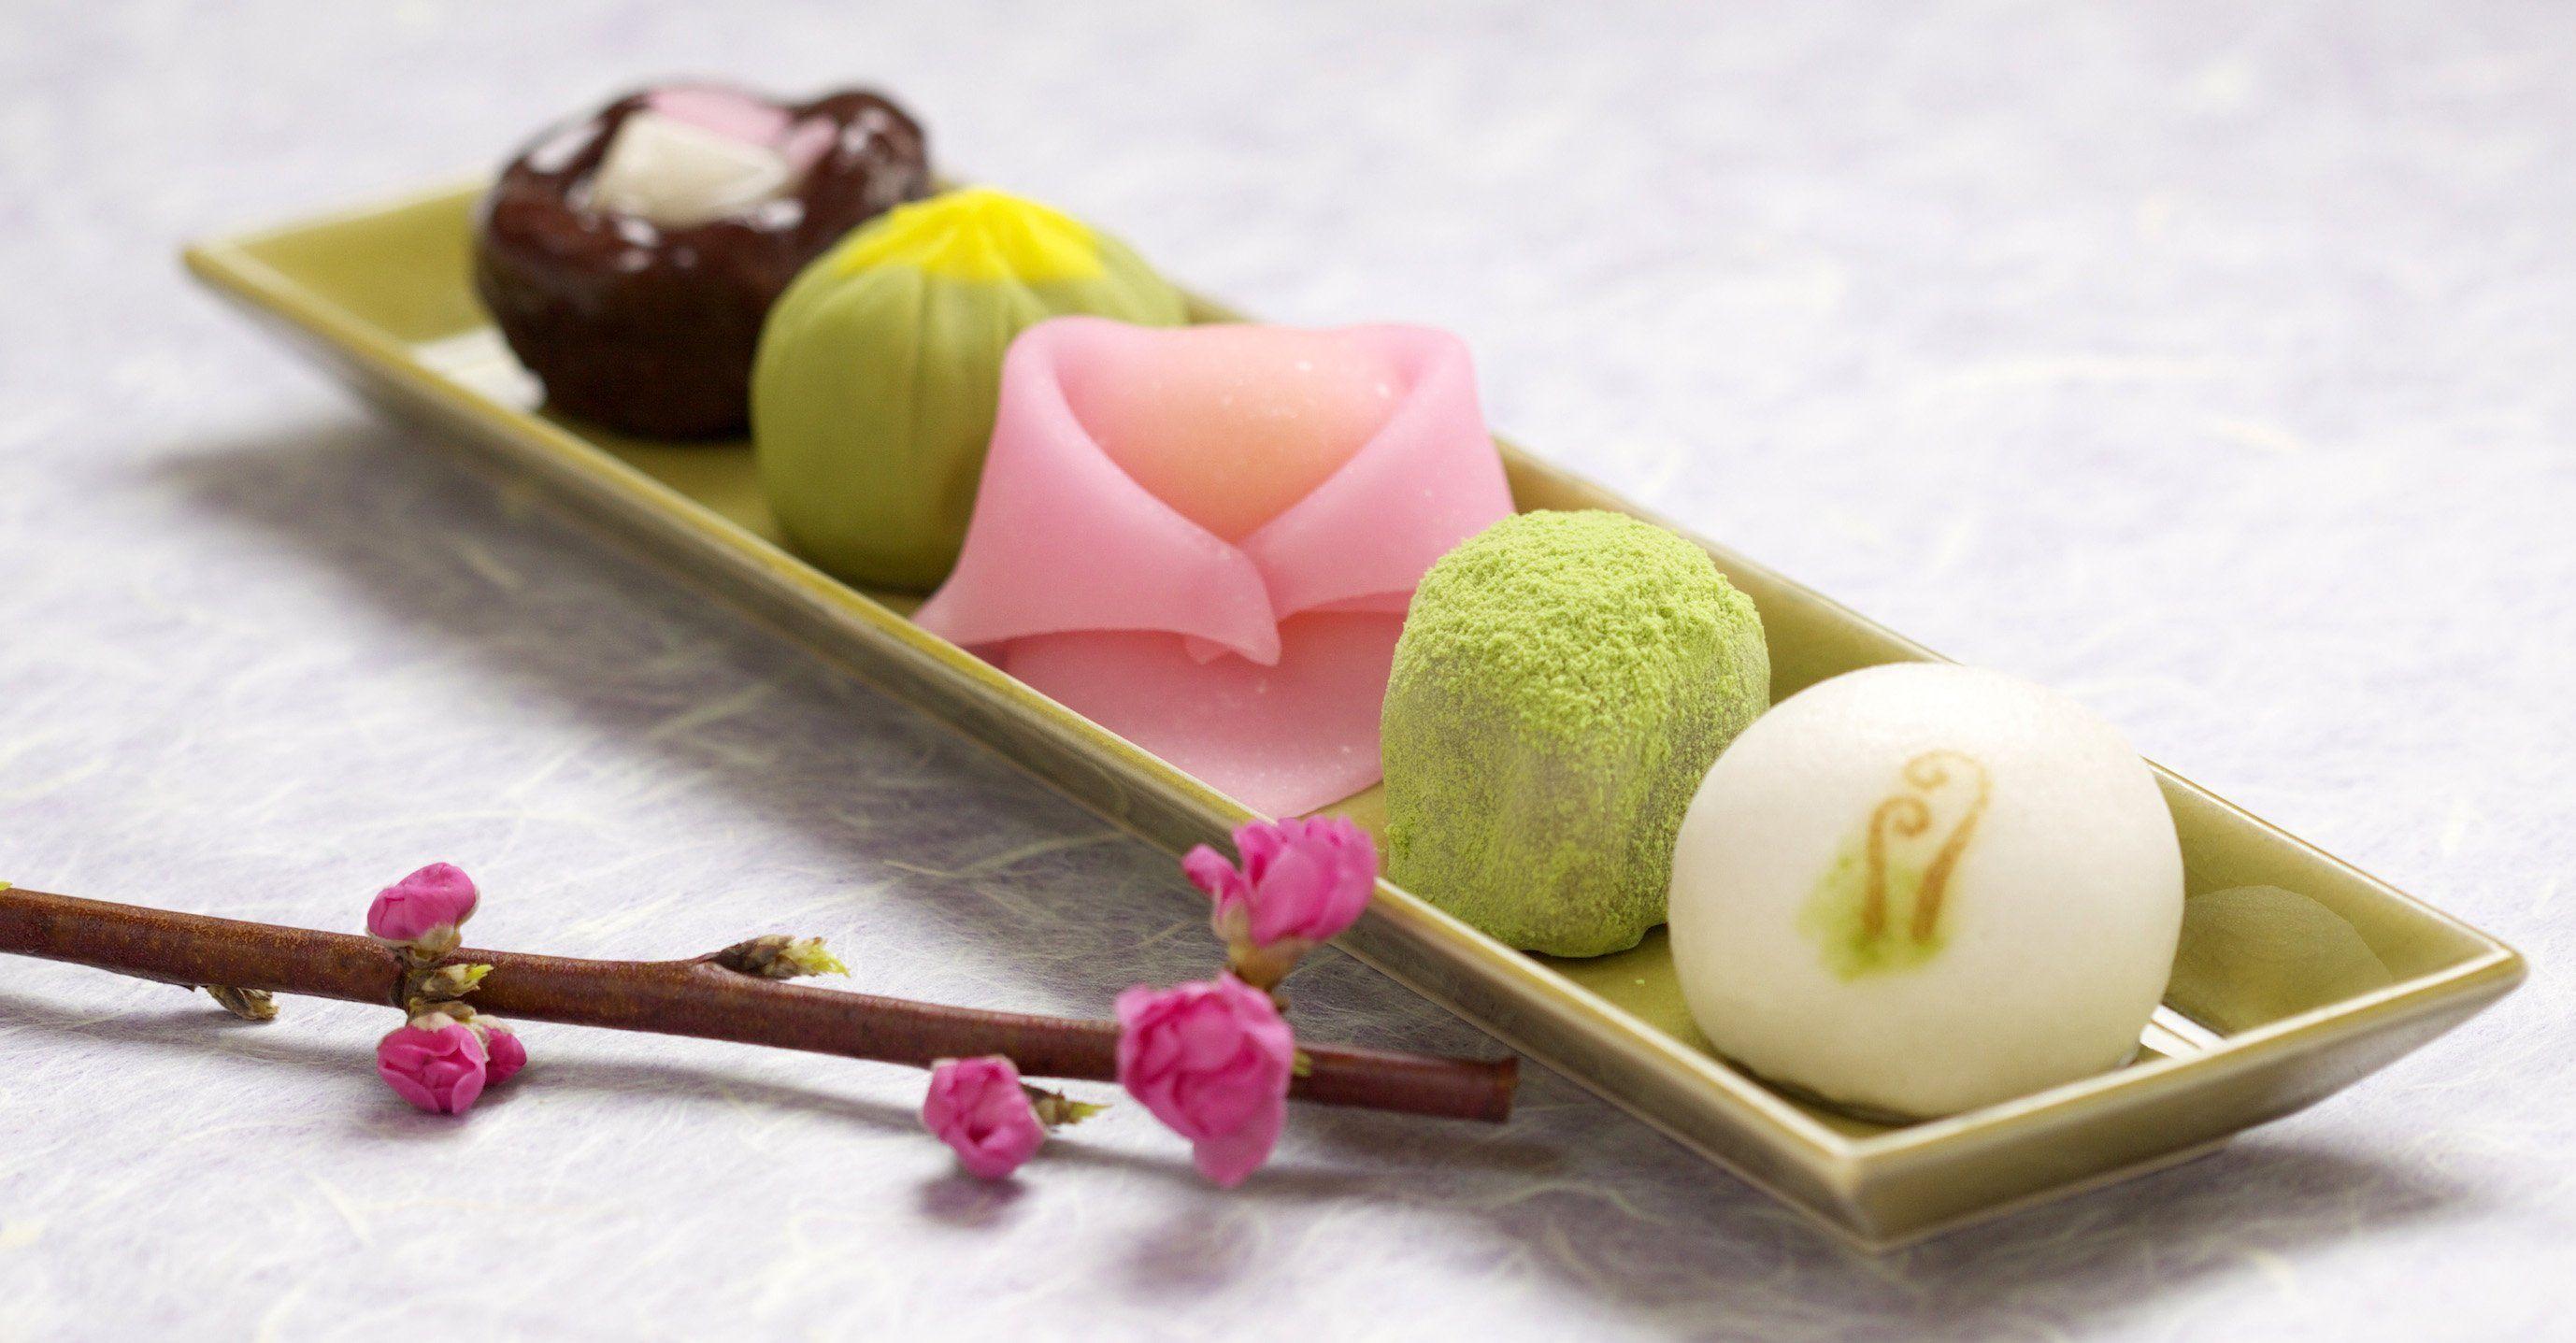 埼玉の銘菓はお土産に最適!銘菓ランキングTOP10!定番・人気の品は?